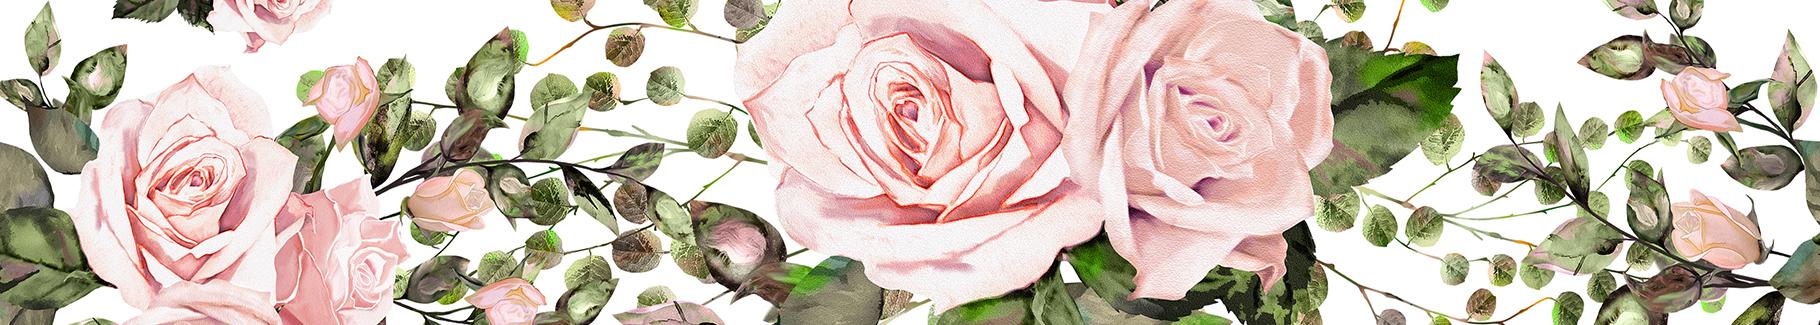 Naklejka róże malowane akwarelą